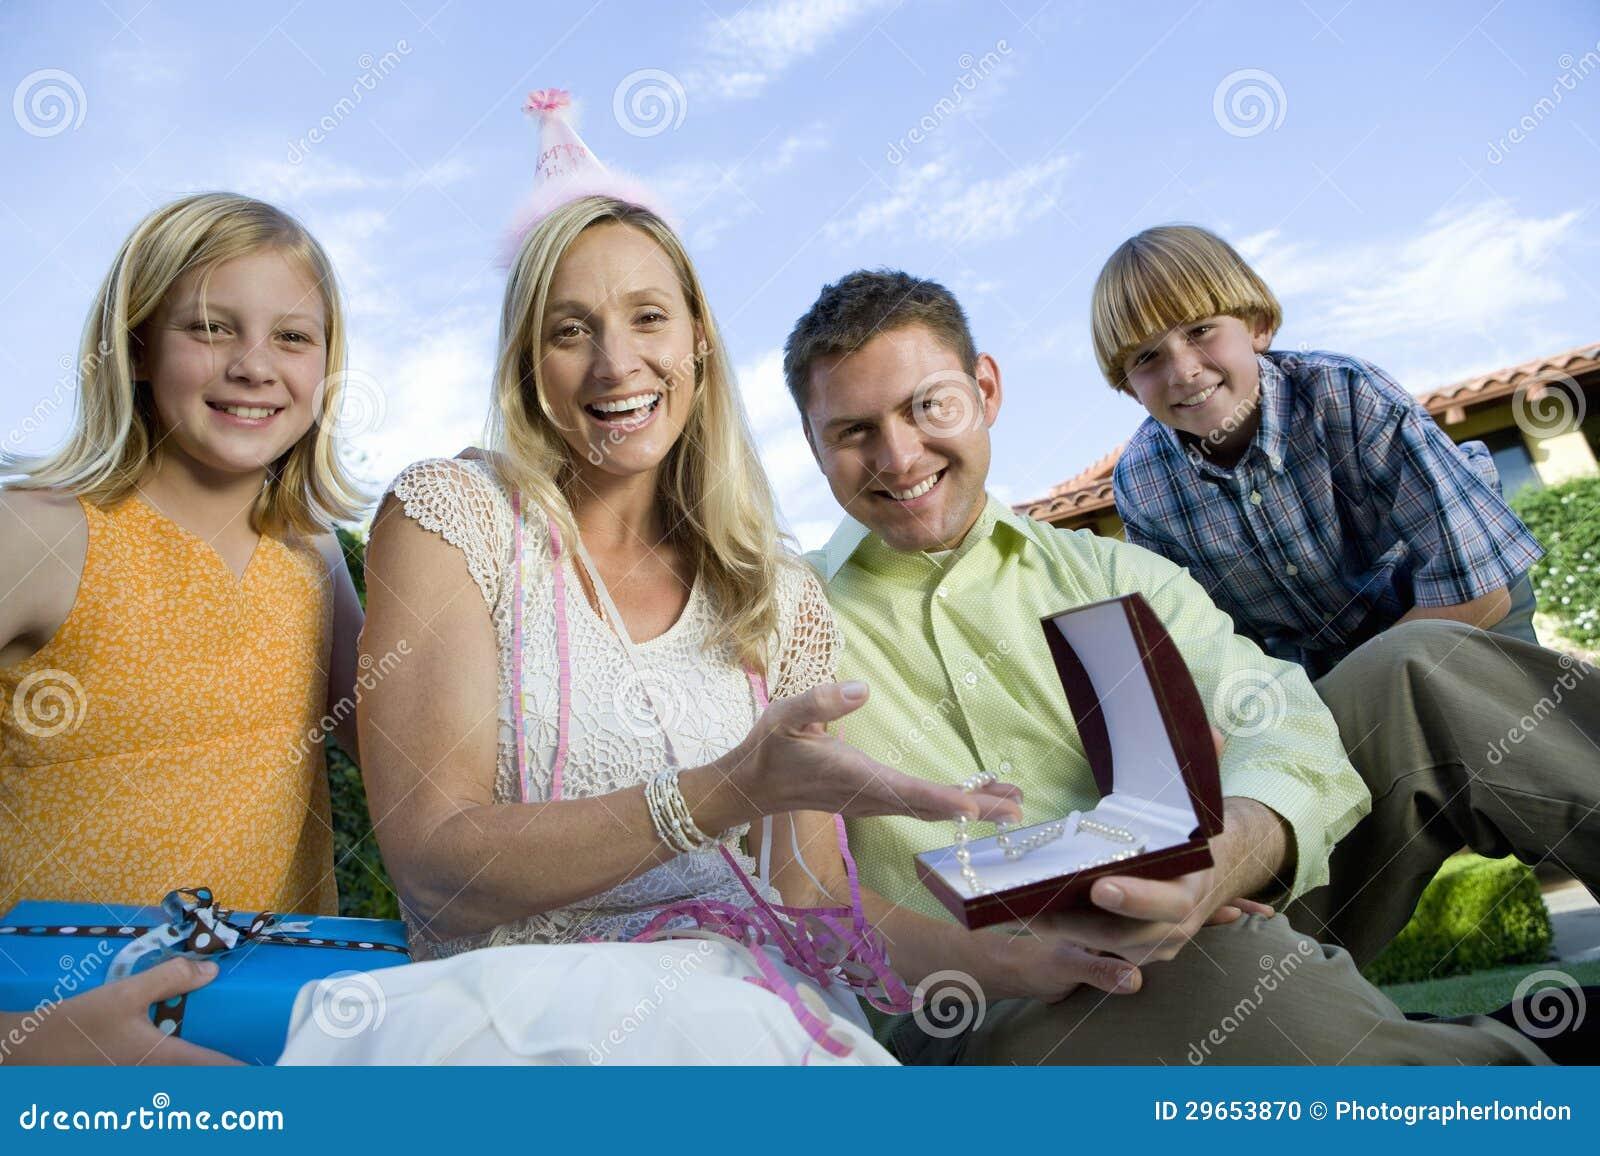 Glückliche reife Frau, die mit Familie sitzt